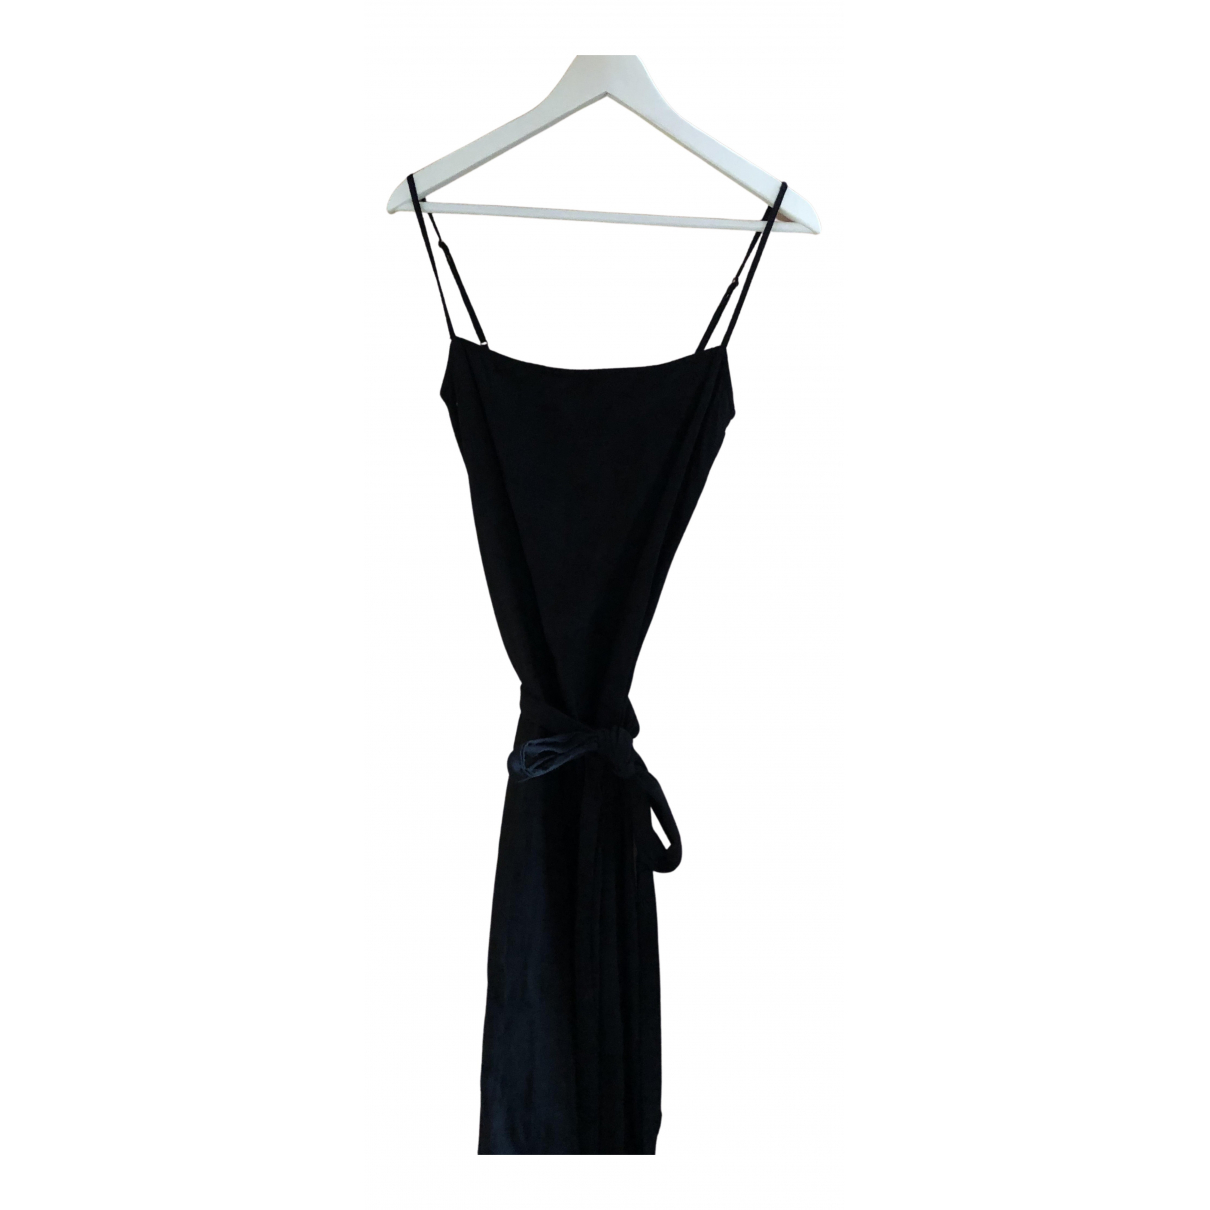 Reformation - Robe   pour femme en lin - noir